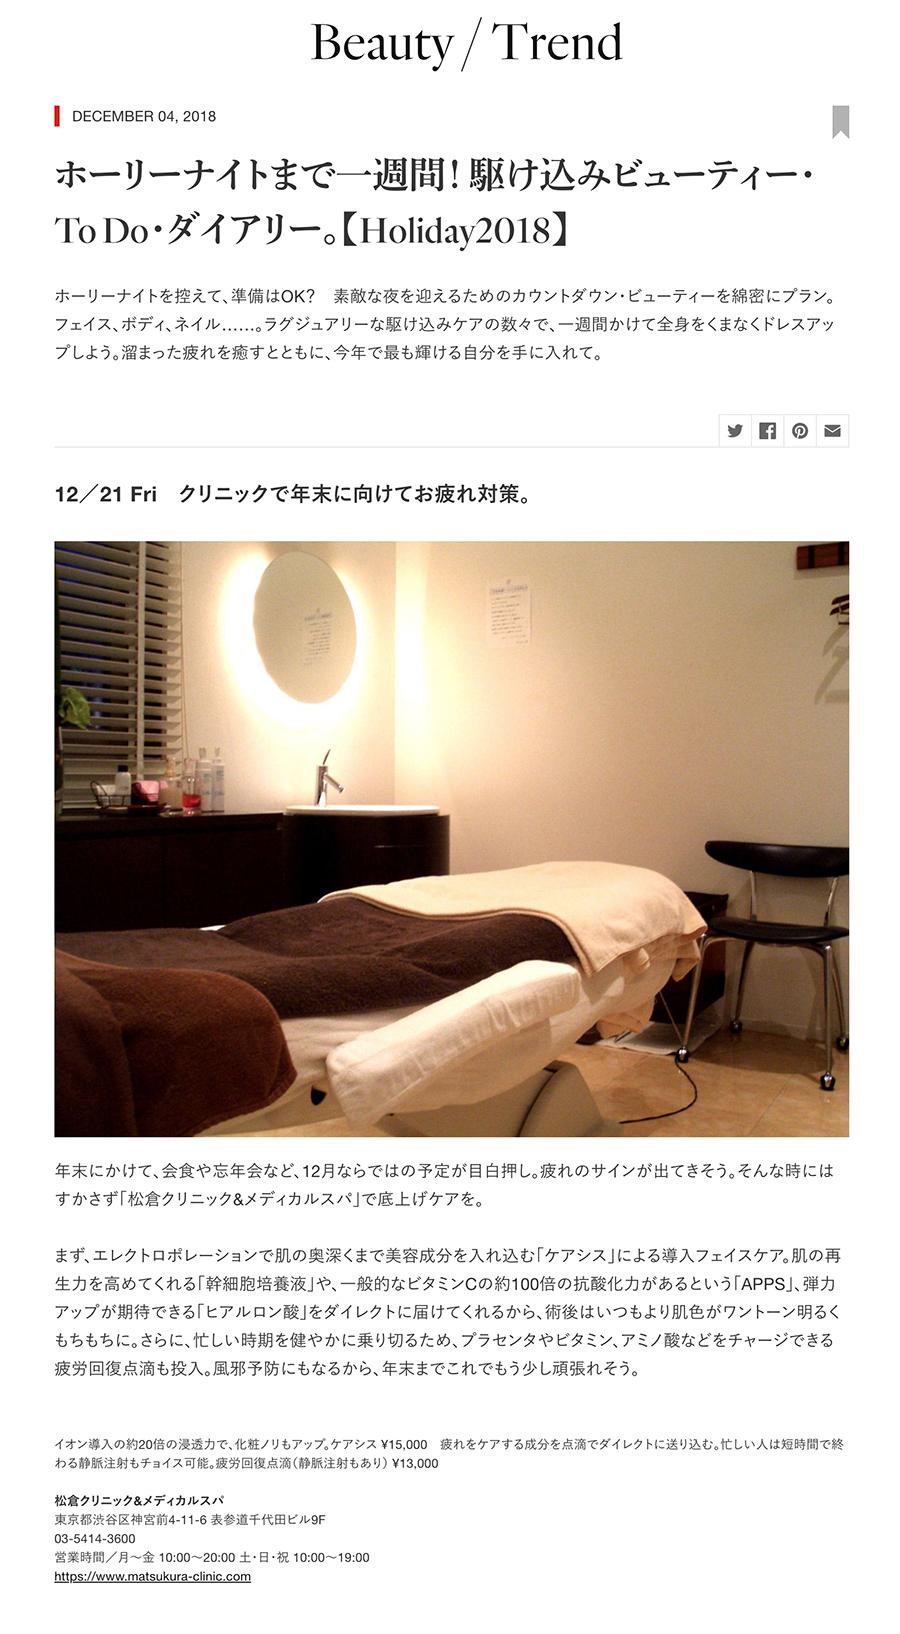 VOGUE JAPAN公式サイト 2018.12.04